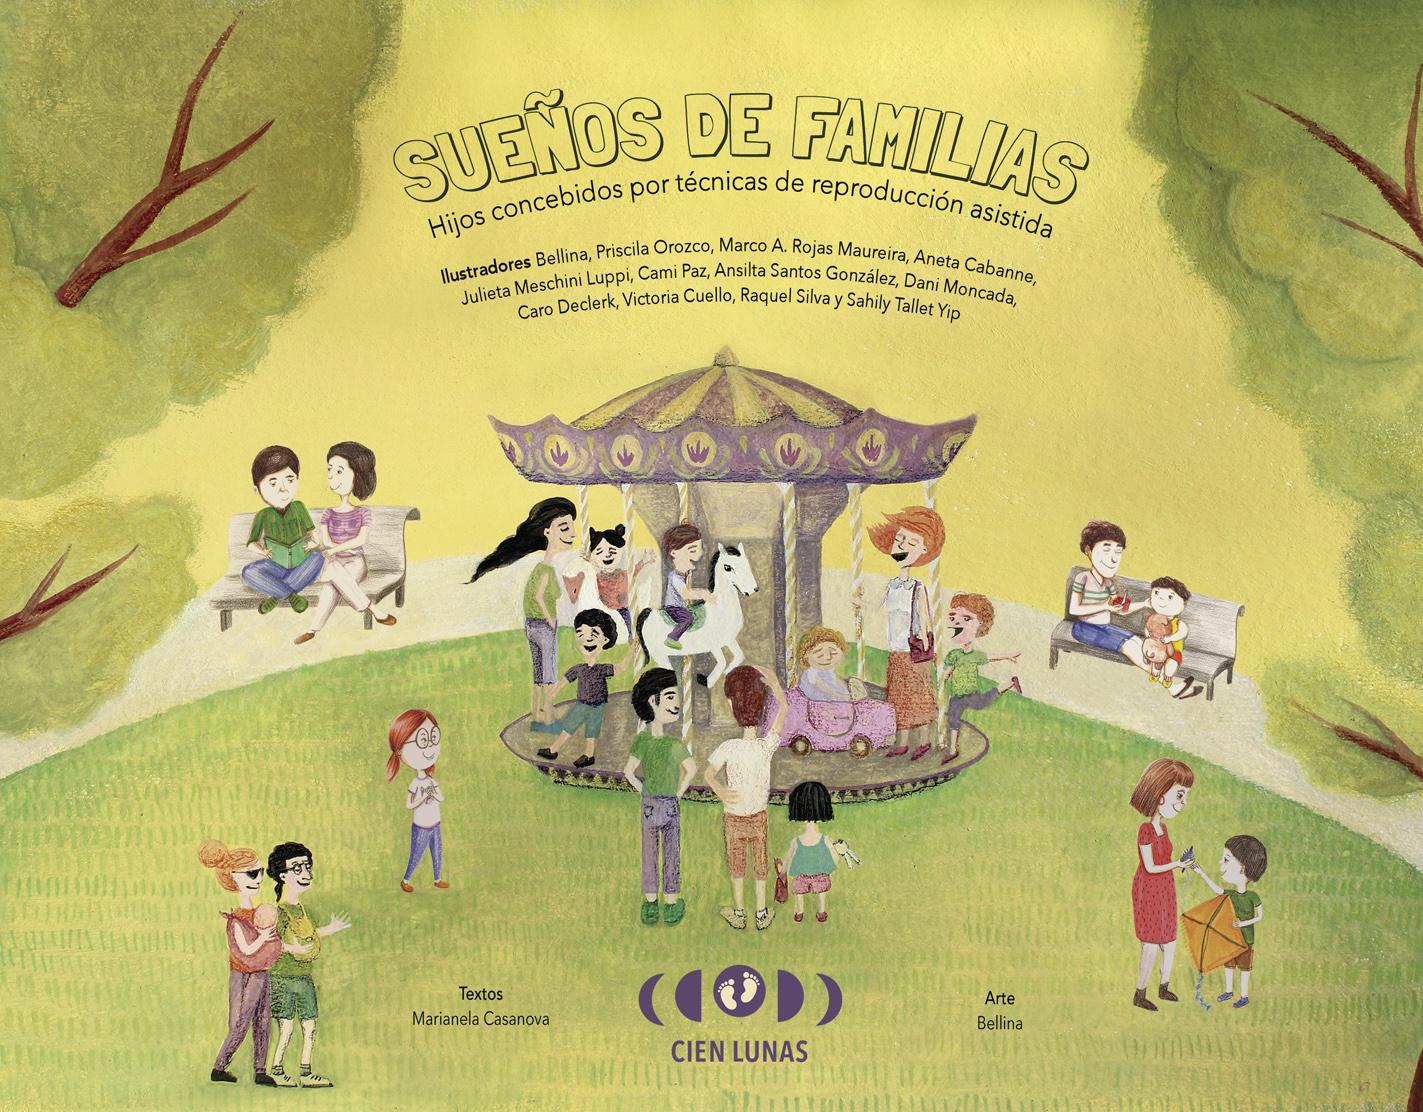 SUEÑOS DE FAMILIAS